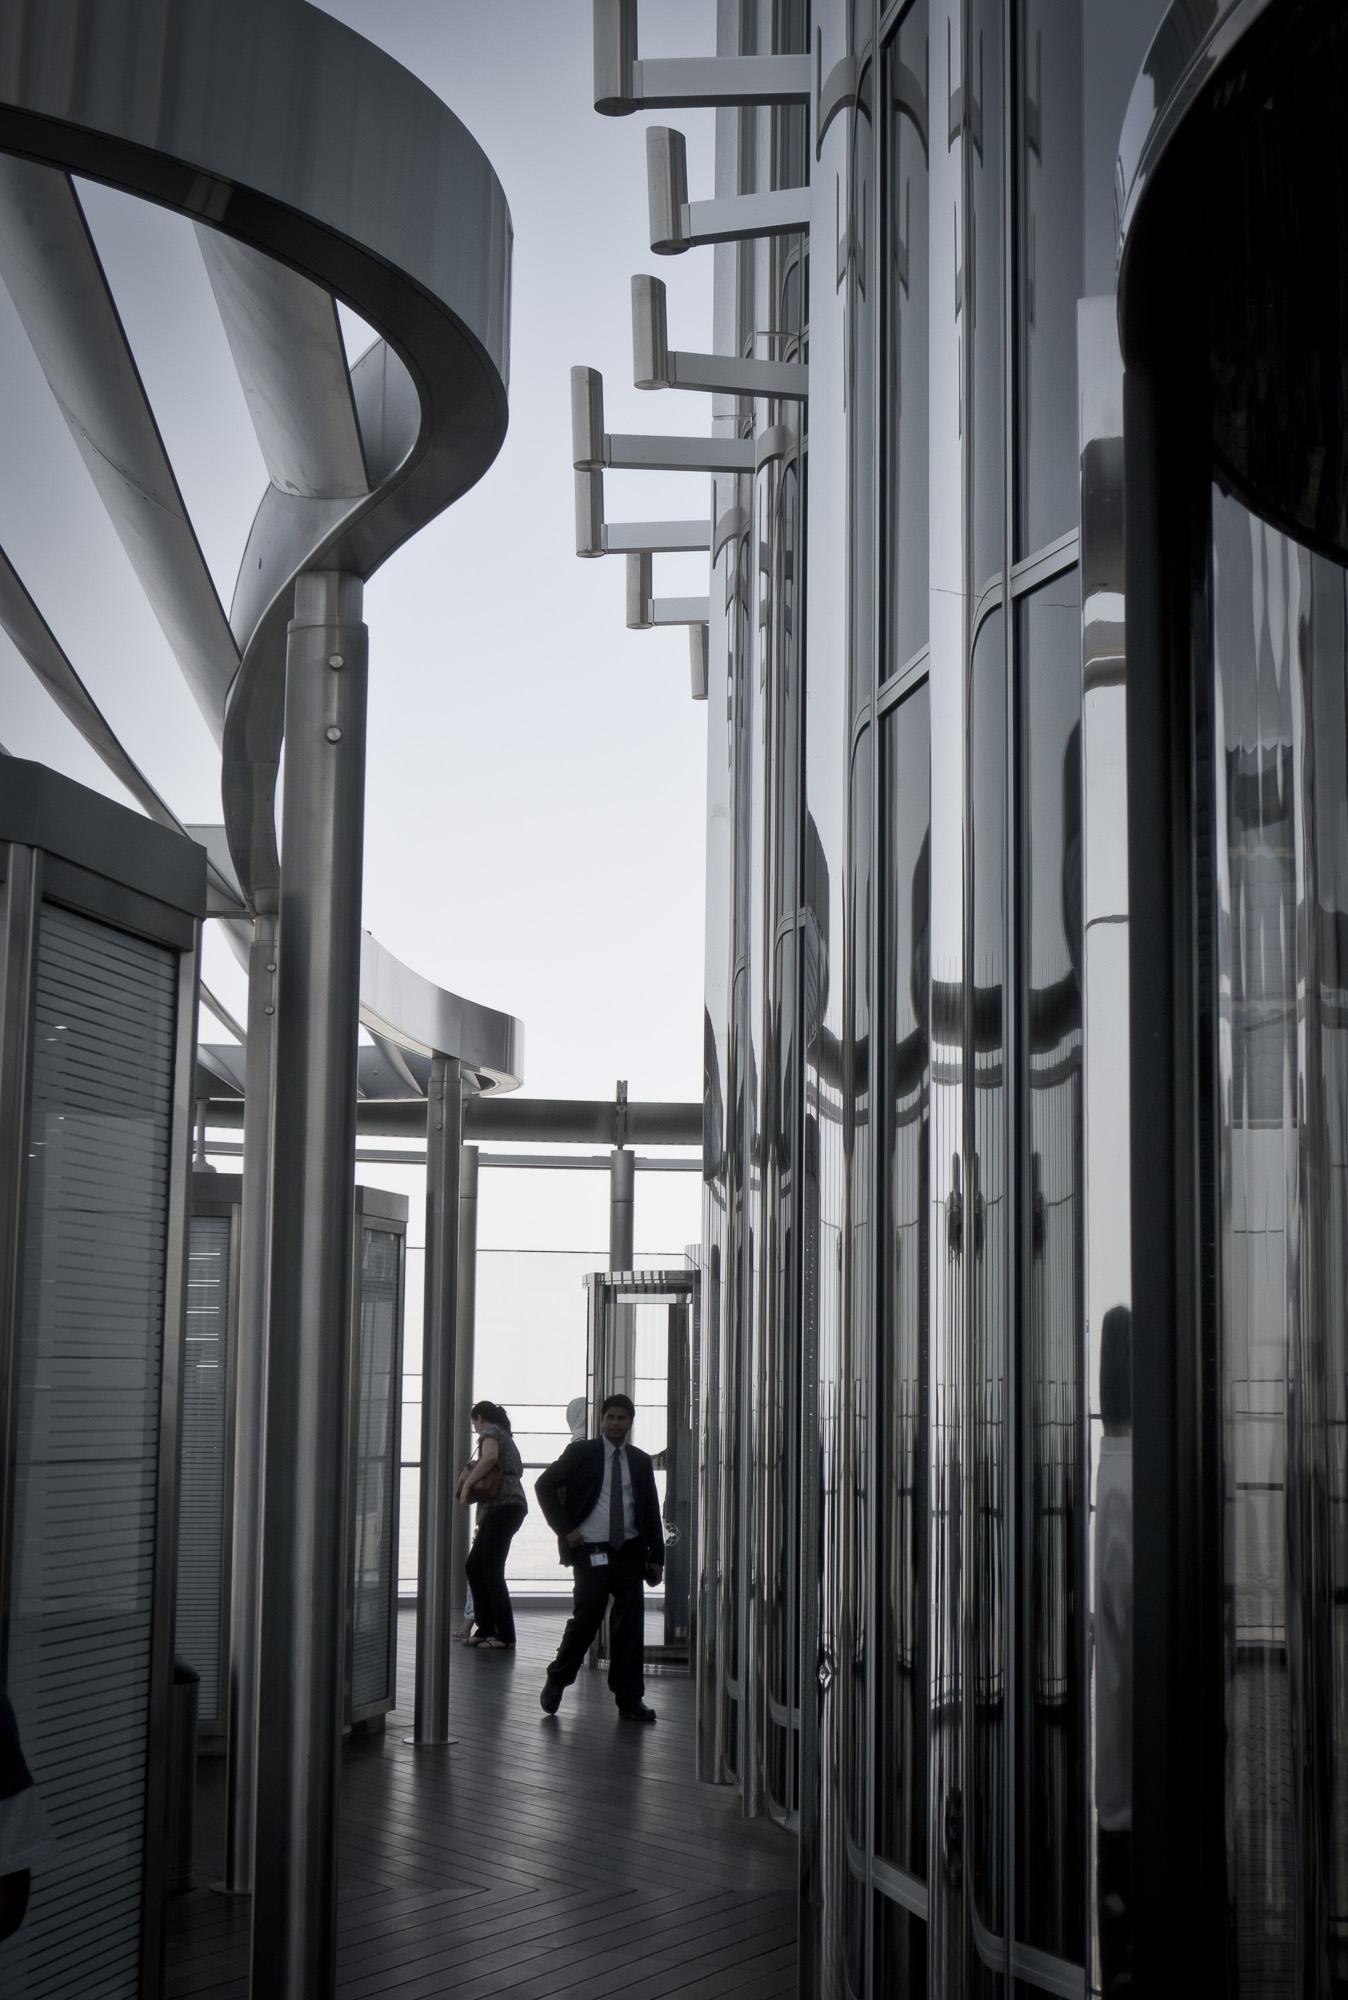 Burj observation deck